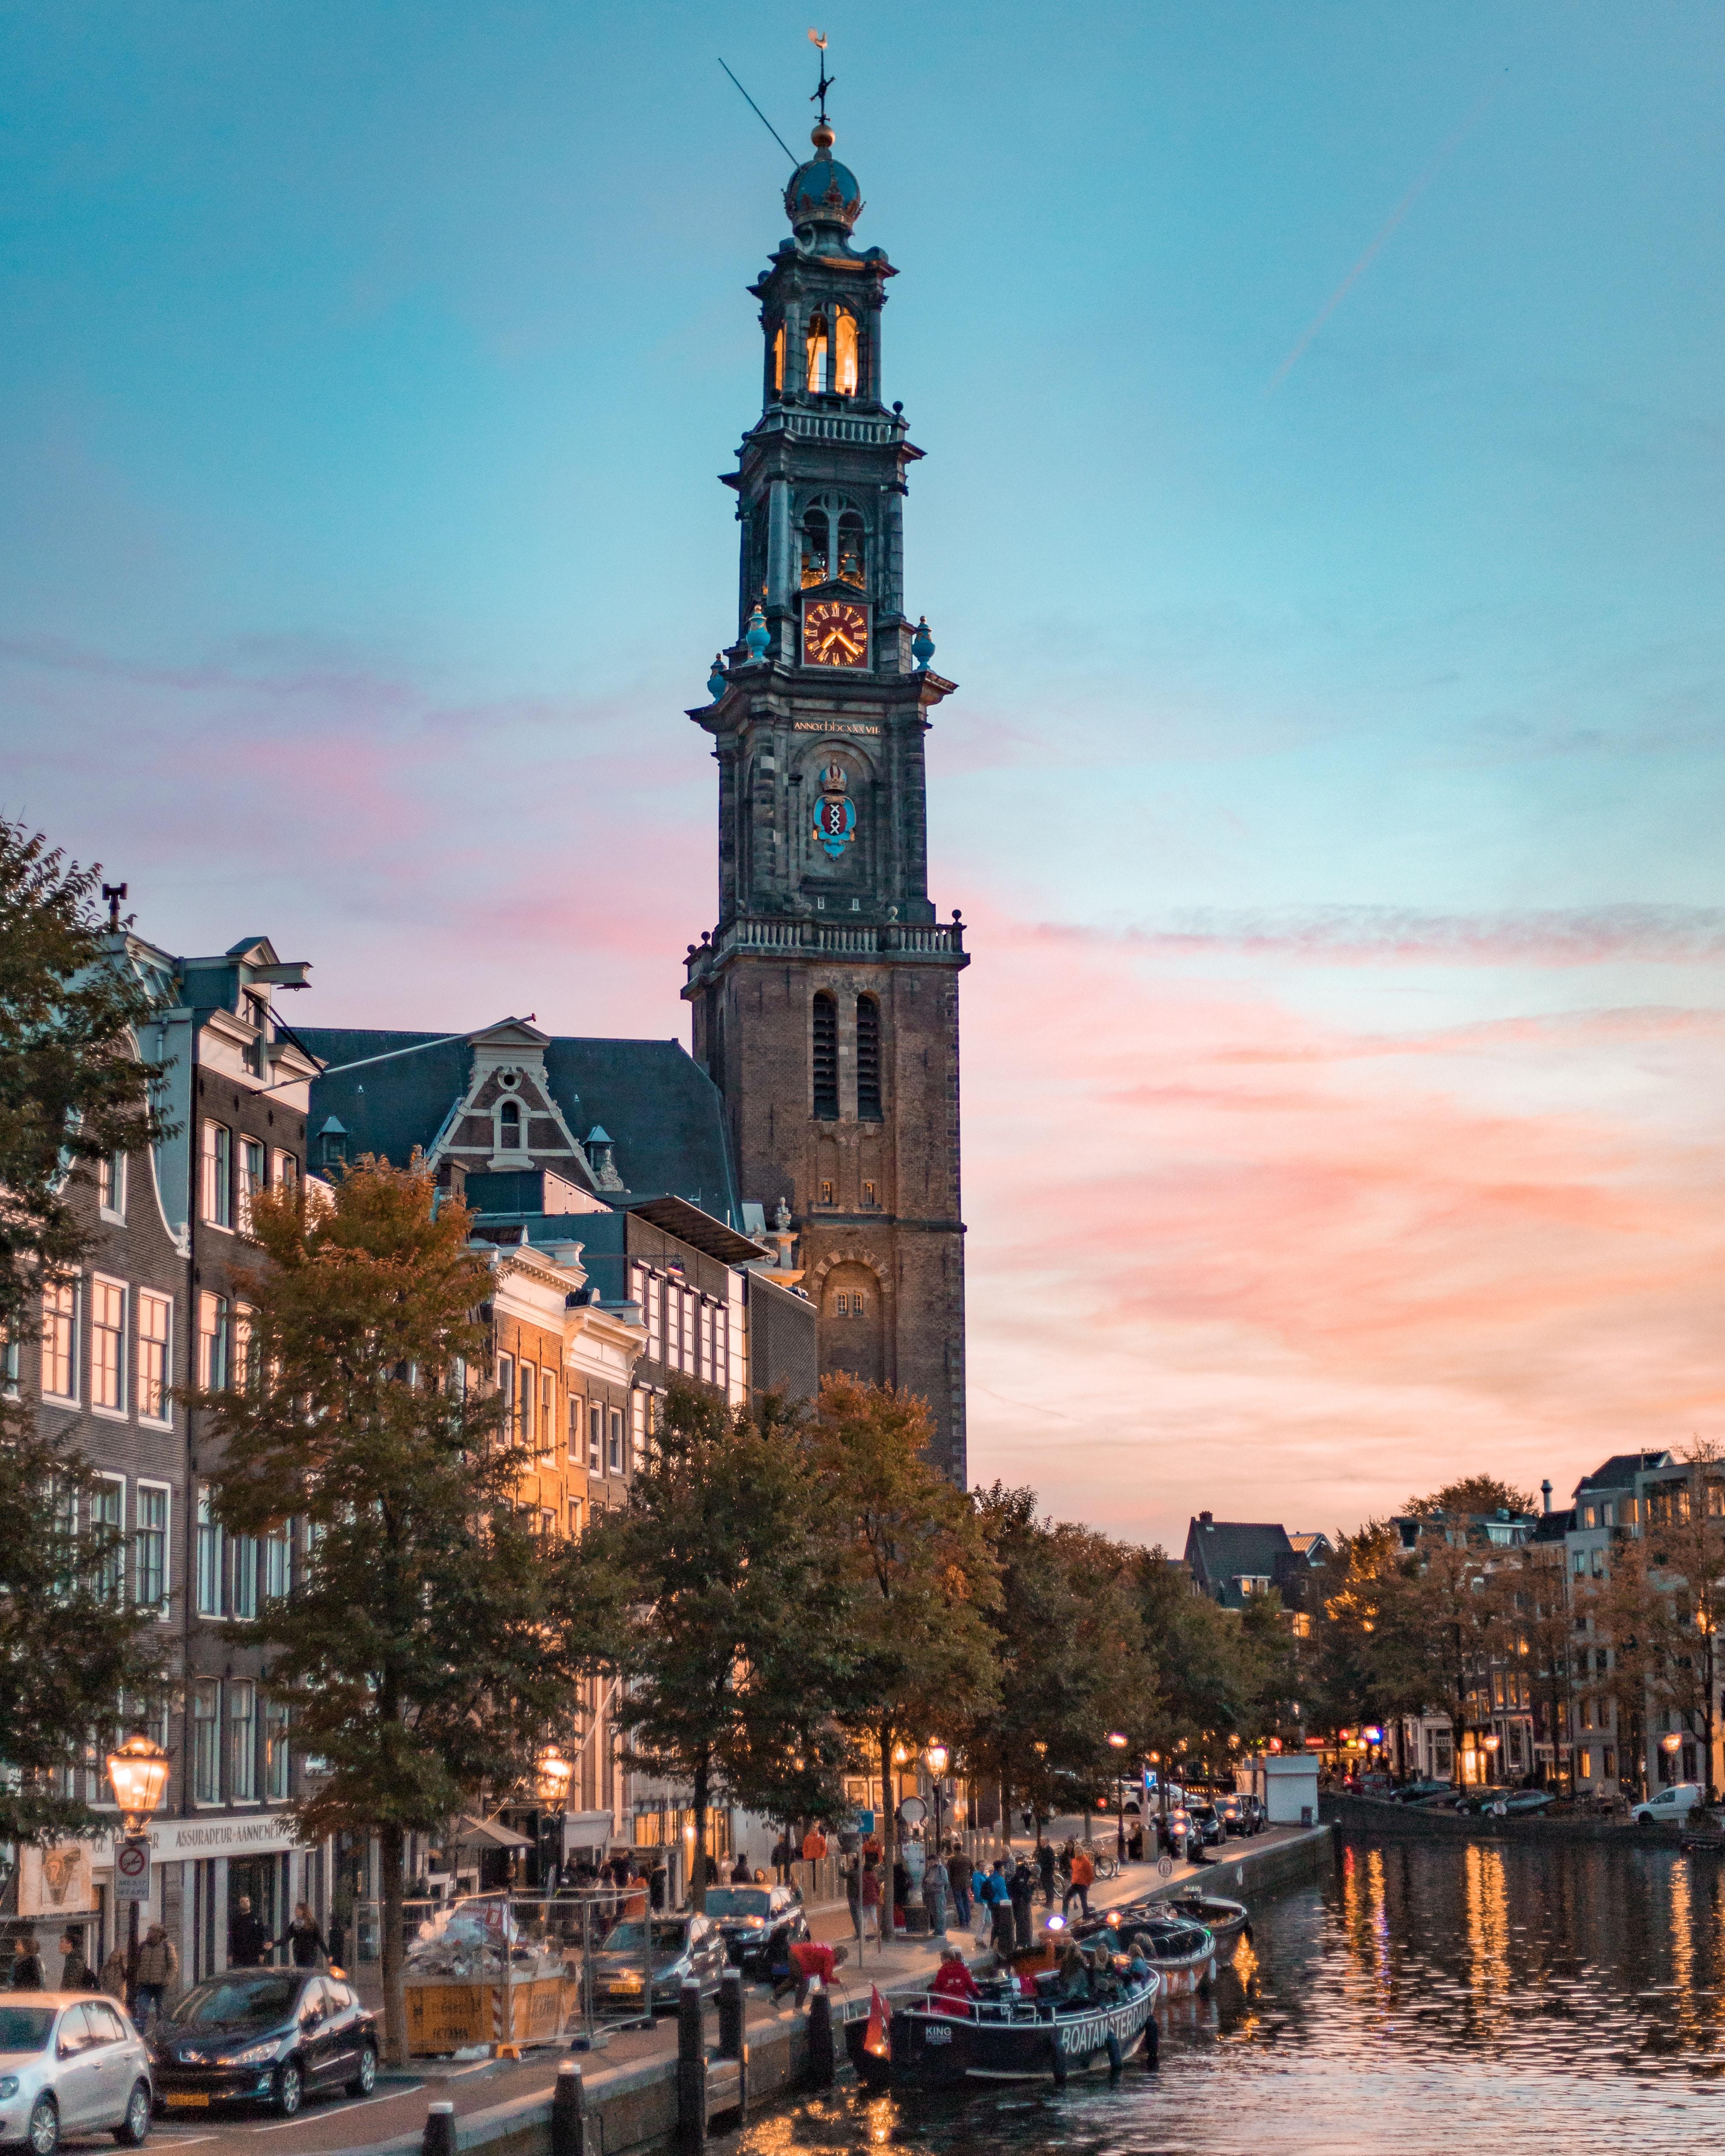 Cantatedienst in Westerkerk